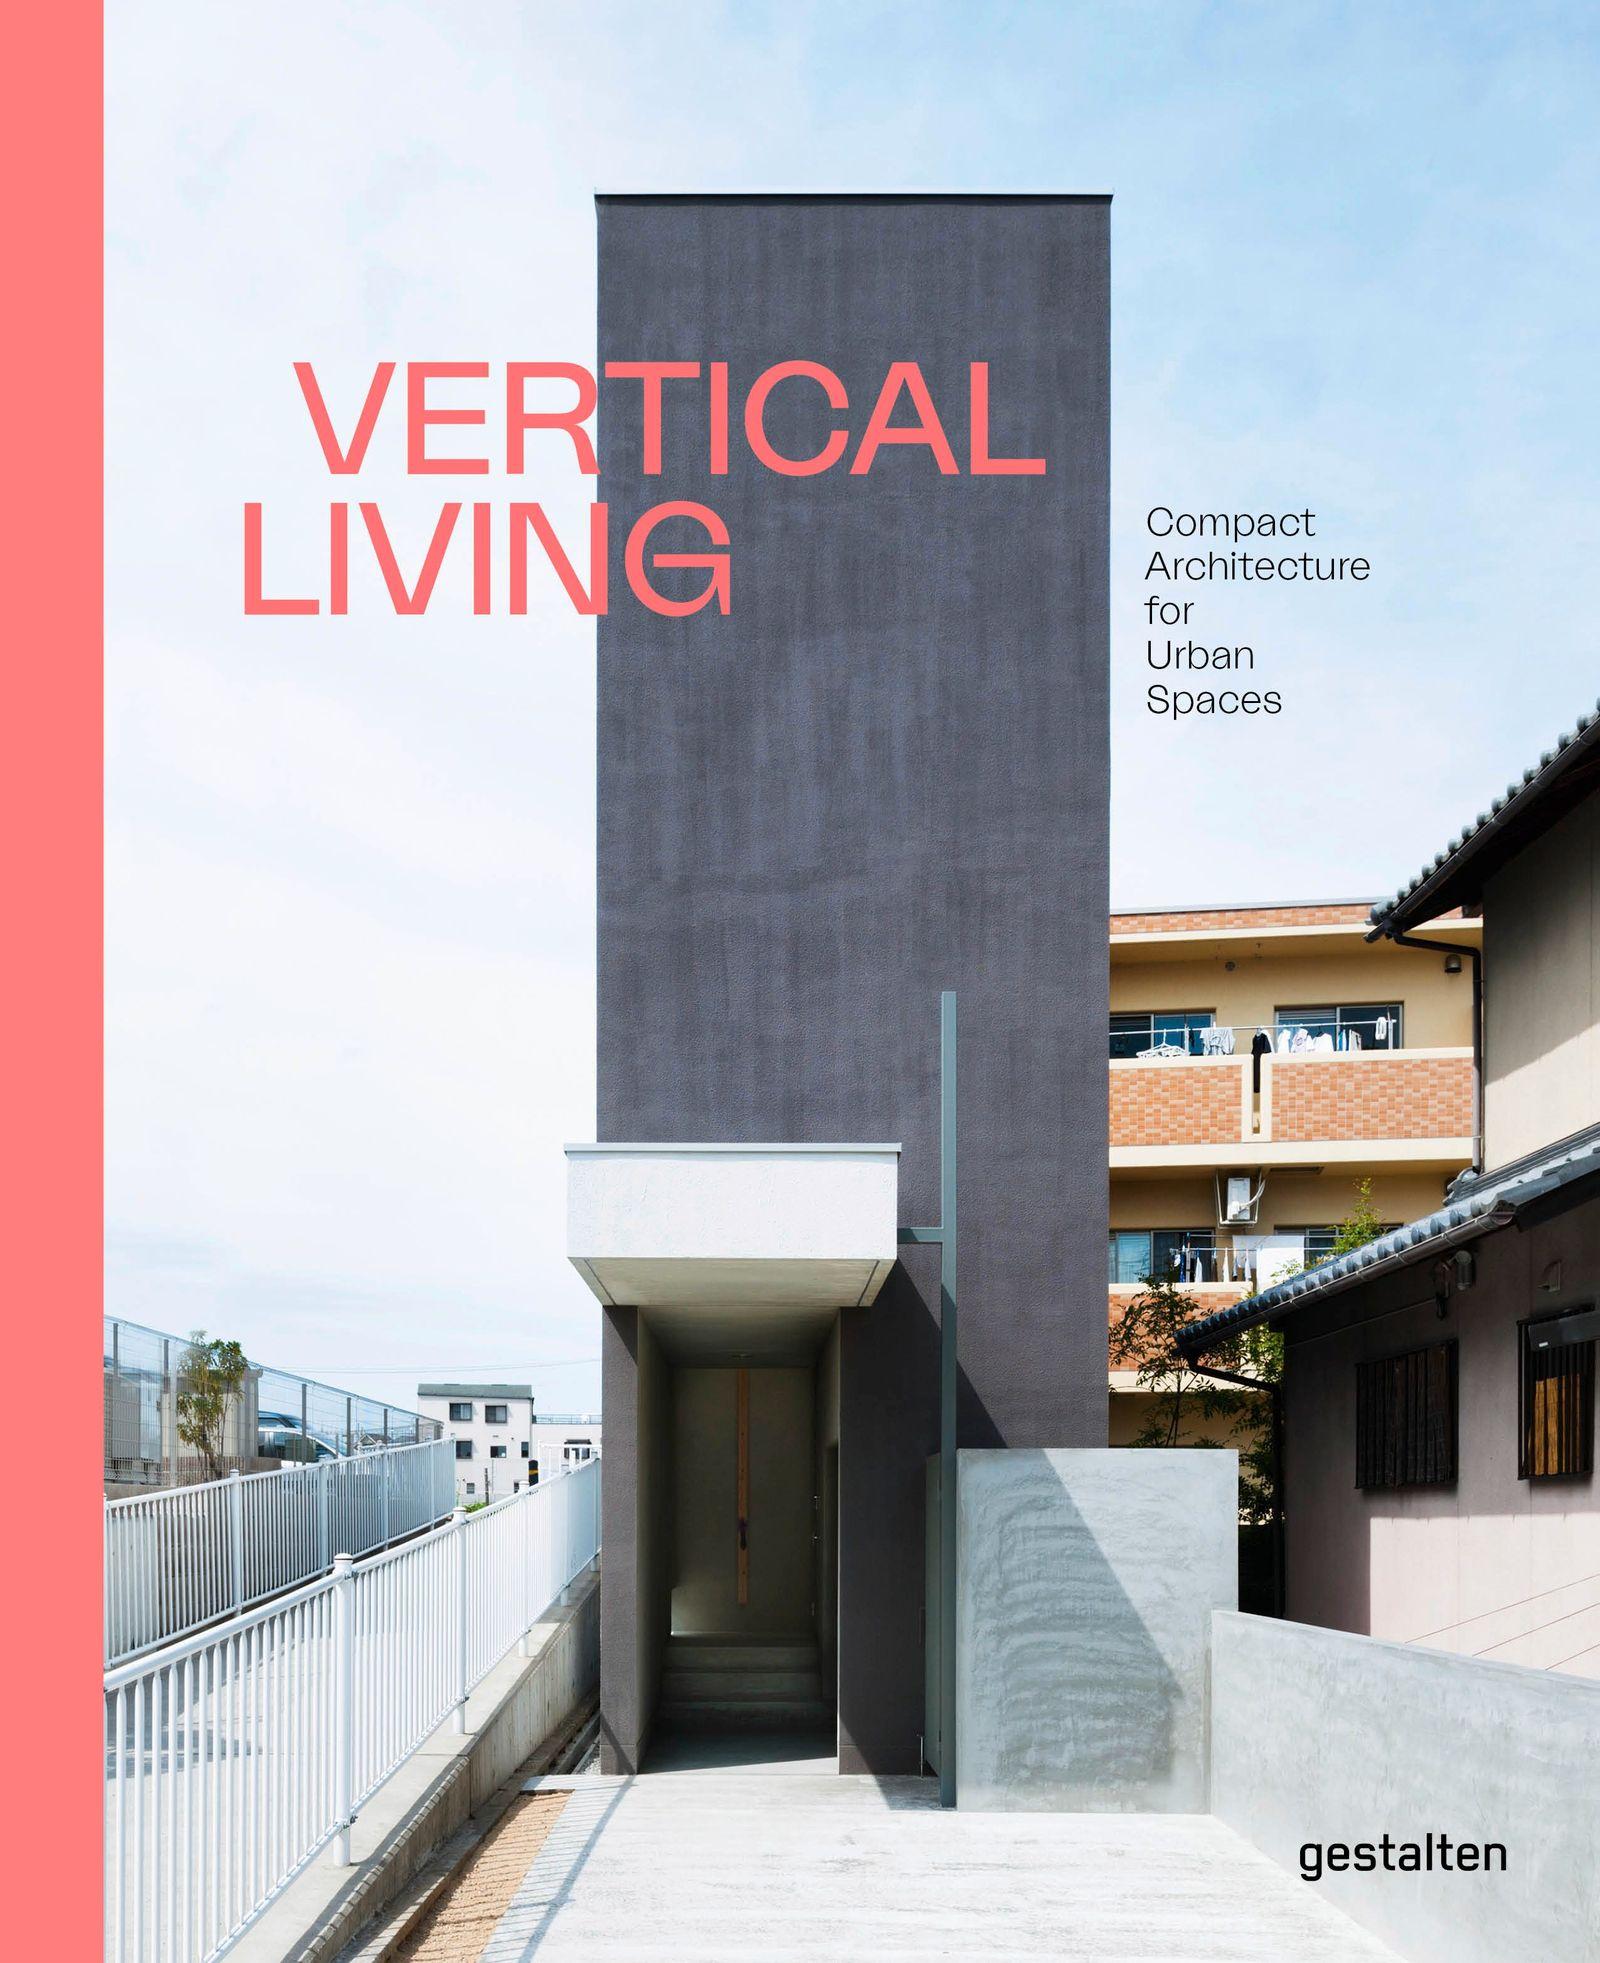 VerticalLiving_gestalten2021_Cover_300dpi